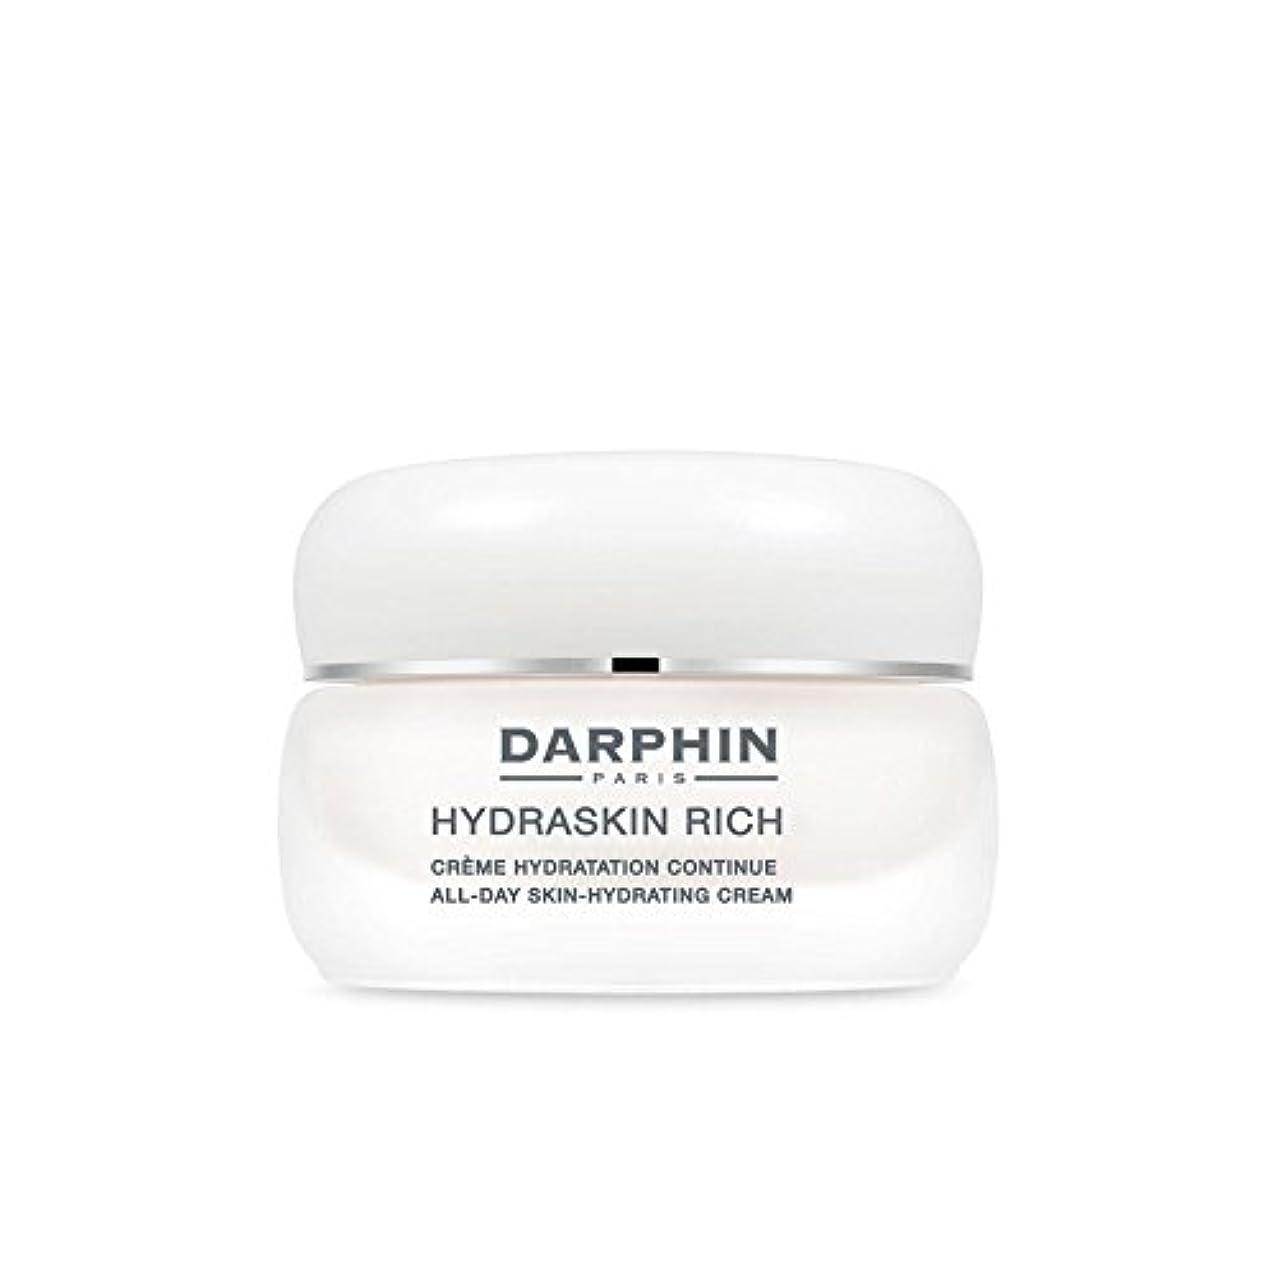 センサースポンジ割合Darphin Hydraskin Rich -Protective Moisturising Cream (50ml) (Pack of 6) - 豊富 - 保護保湿クリーム(50)にダルファン x6 [並行輸入品]